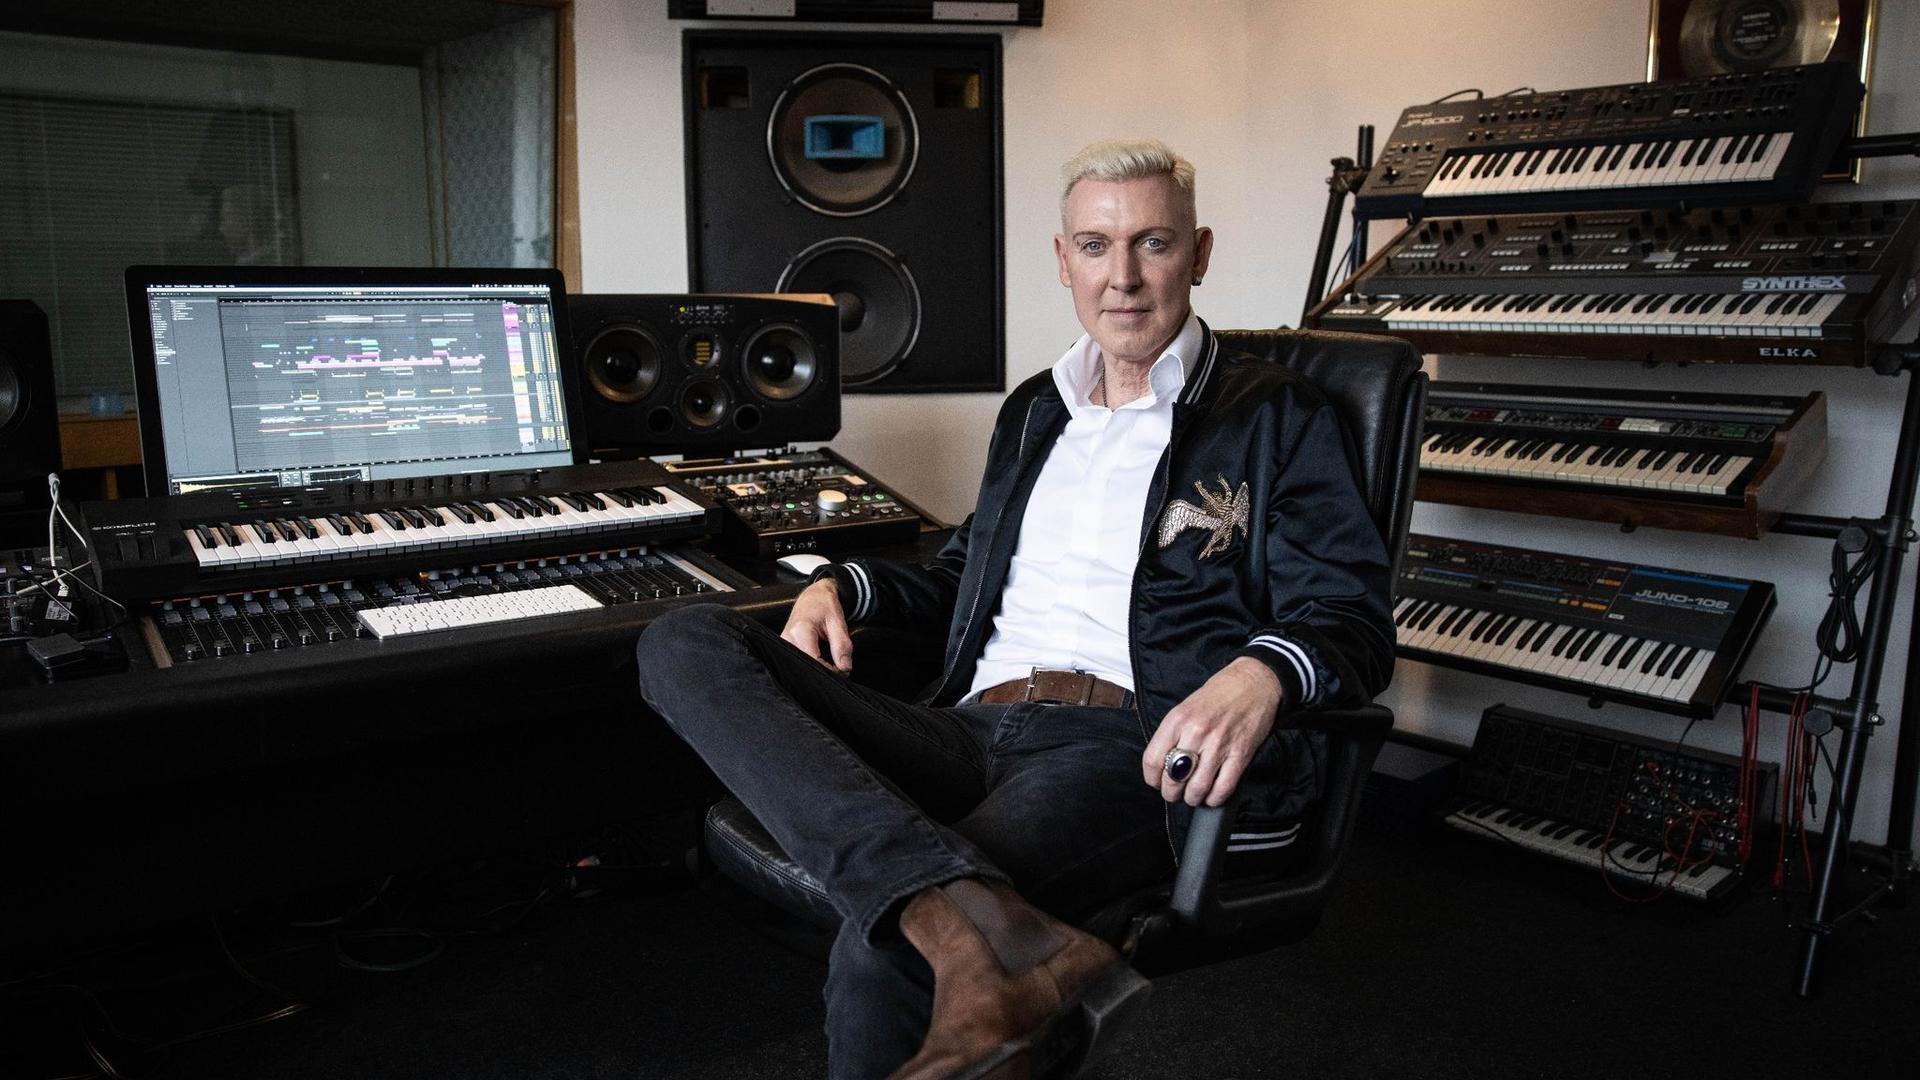 Scooter-Frontmann H.P. Baxxter in seinem Studio.